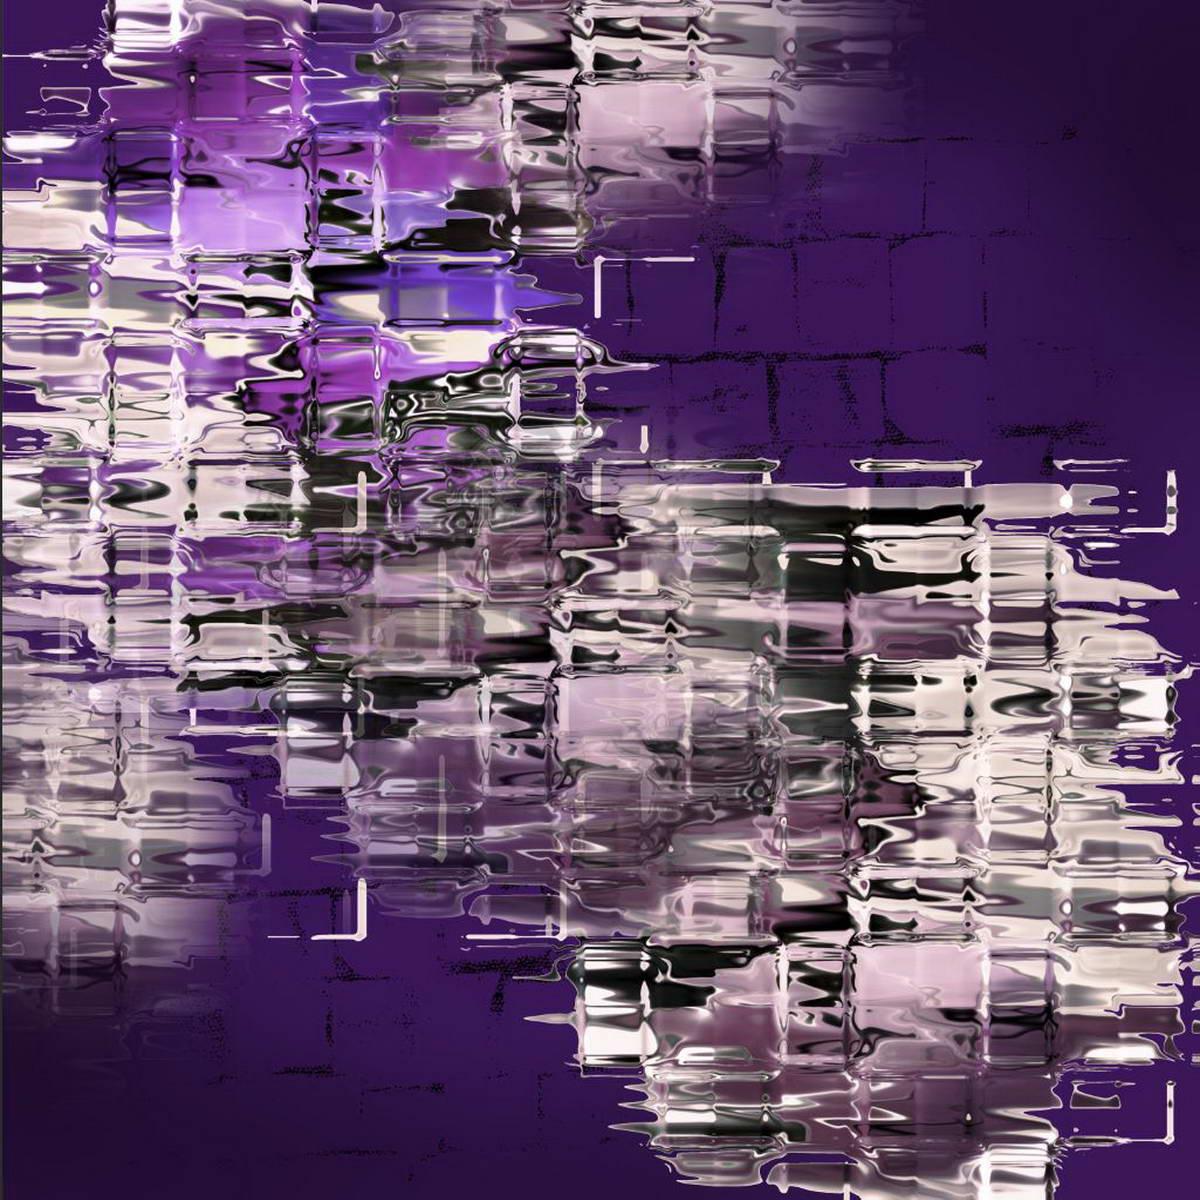 Платок Venera, цвет: фиолетовый, сиреневый, белый. 3902627-1. Размер 90 см х 90 см3902627-1Платок Venera выполнен из 100% полиэстера. Материал мягкий, уютный и приятный на ощупь. Модель дополнена интересным зеркальным принтом. Отличный выбор для повседневного городского образа. Необычный рисунок привлечет внимание окружающих. В нем вы будете неповторимы.